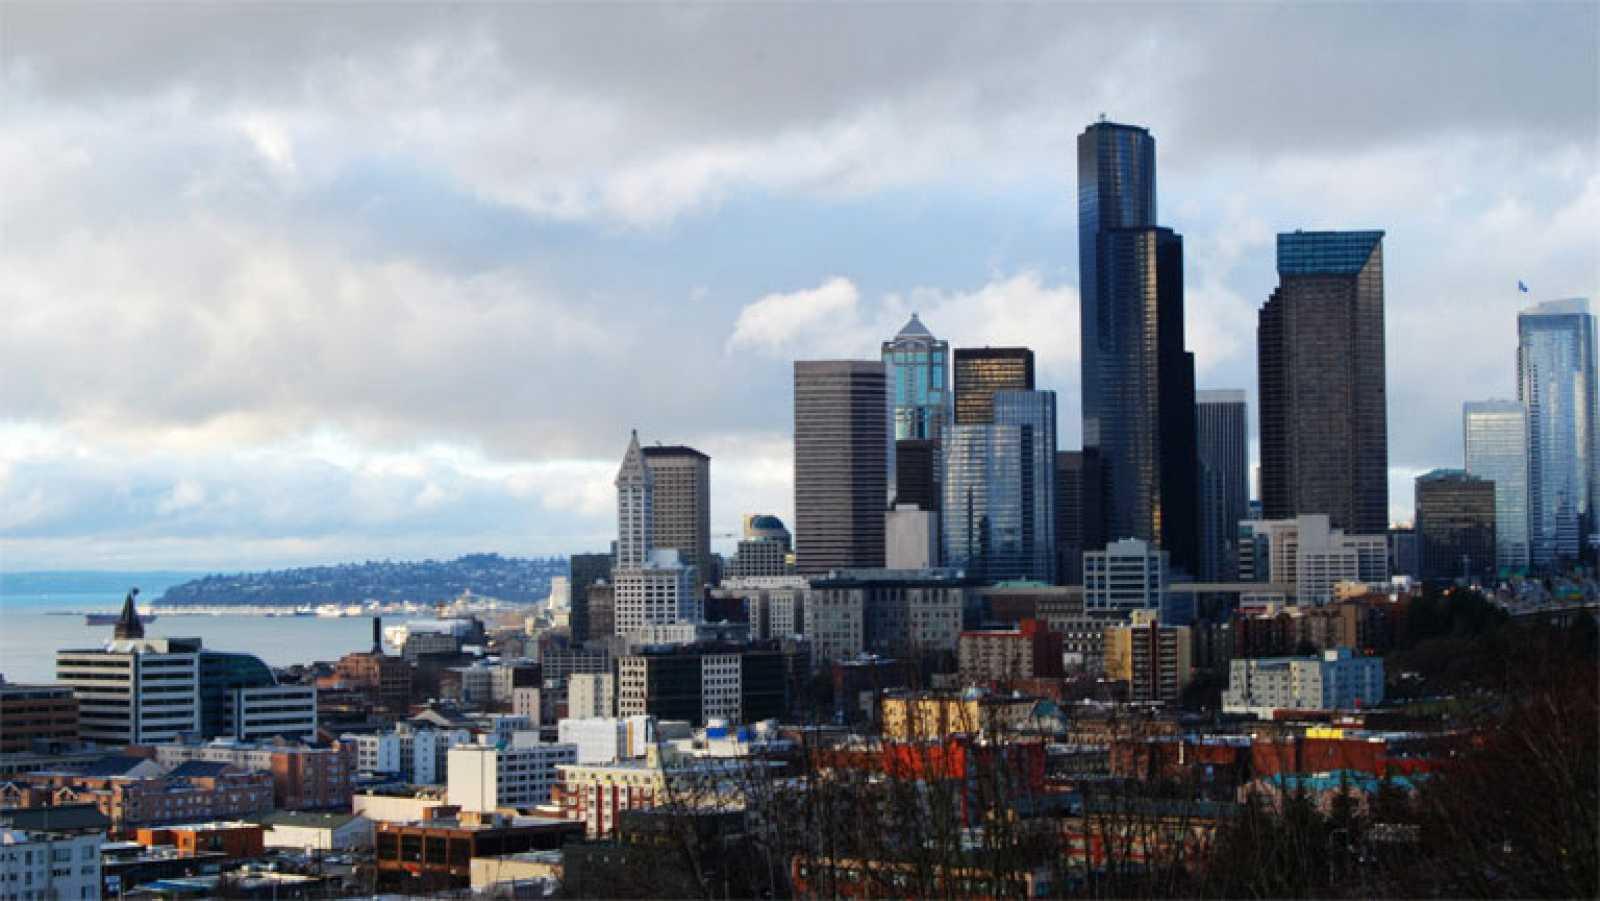 Repensar las ciudades para que sean más igualitarias y seguras